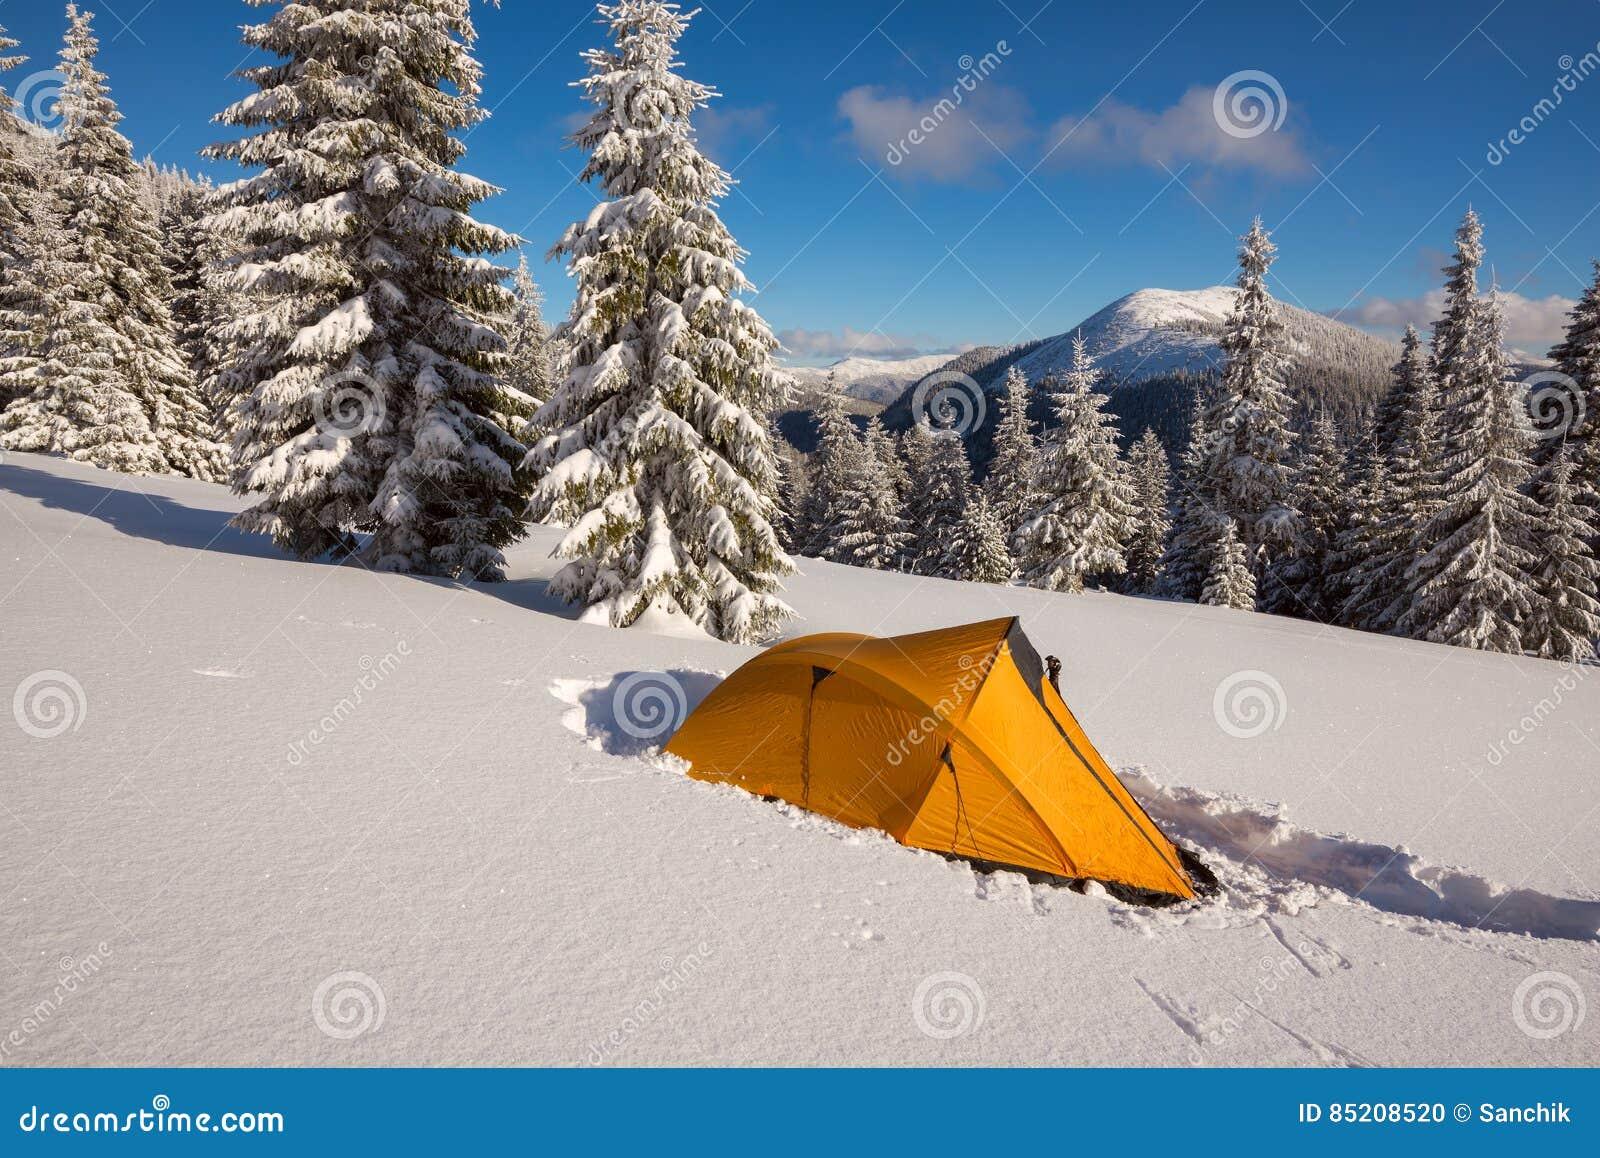 Φωτεινή κίτρινη σκηνή στο αλπικό λιβάδι μεταξύ των χιονισμένων έλατων